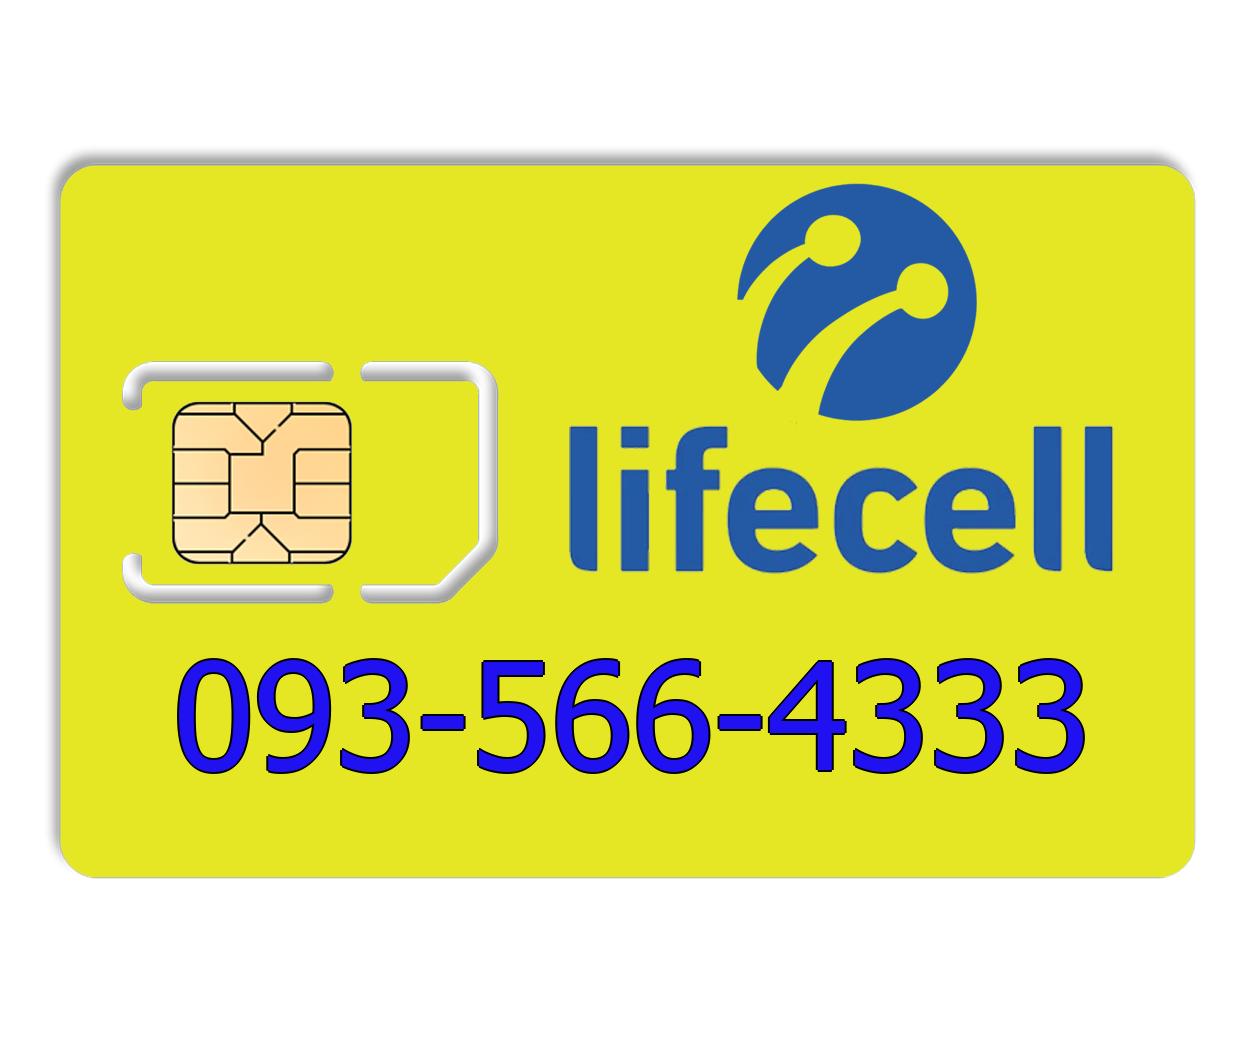 Красивый номер lifecell 093-566-4333